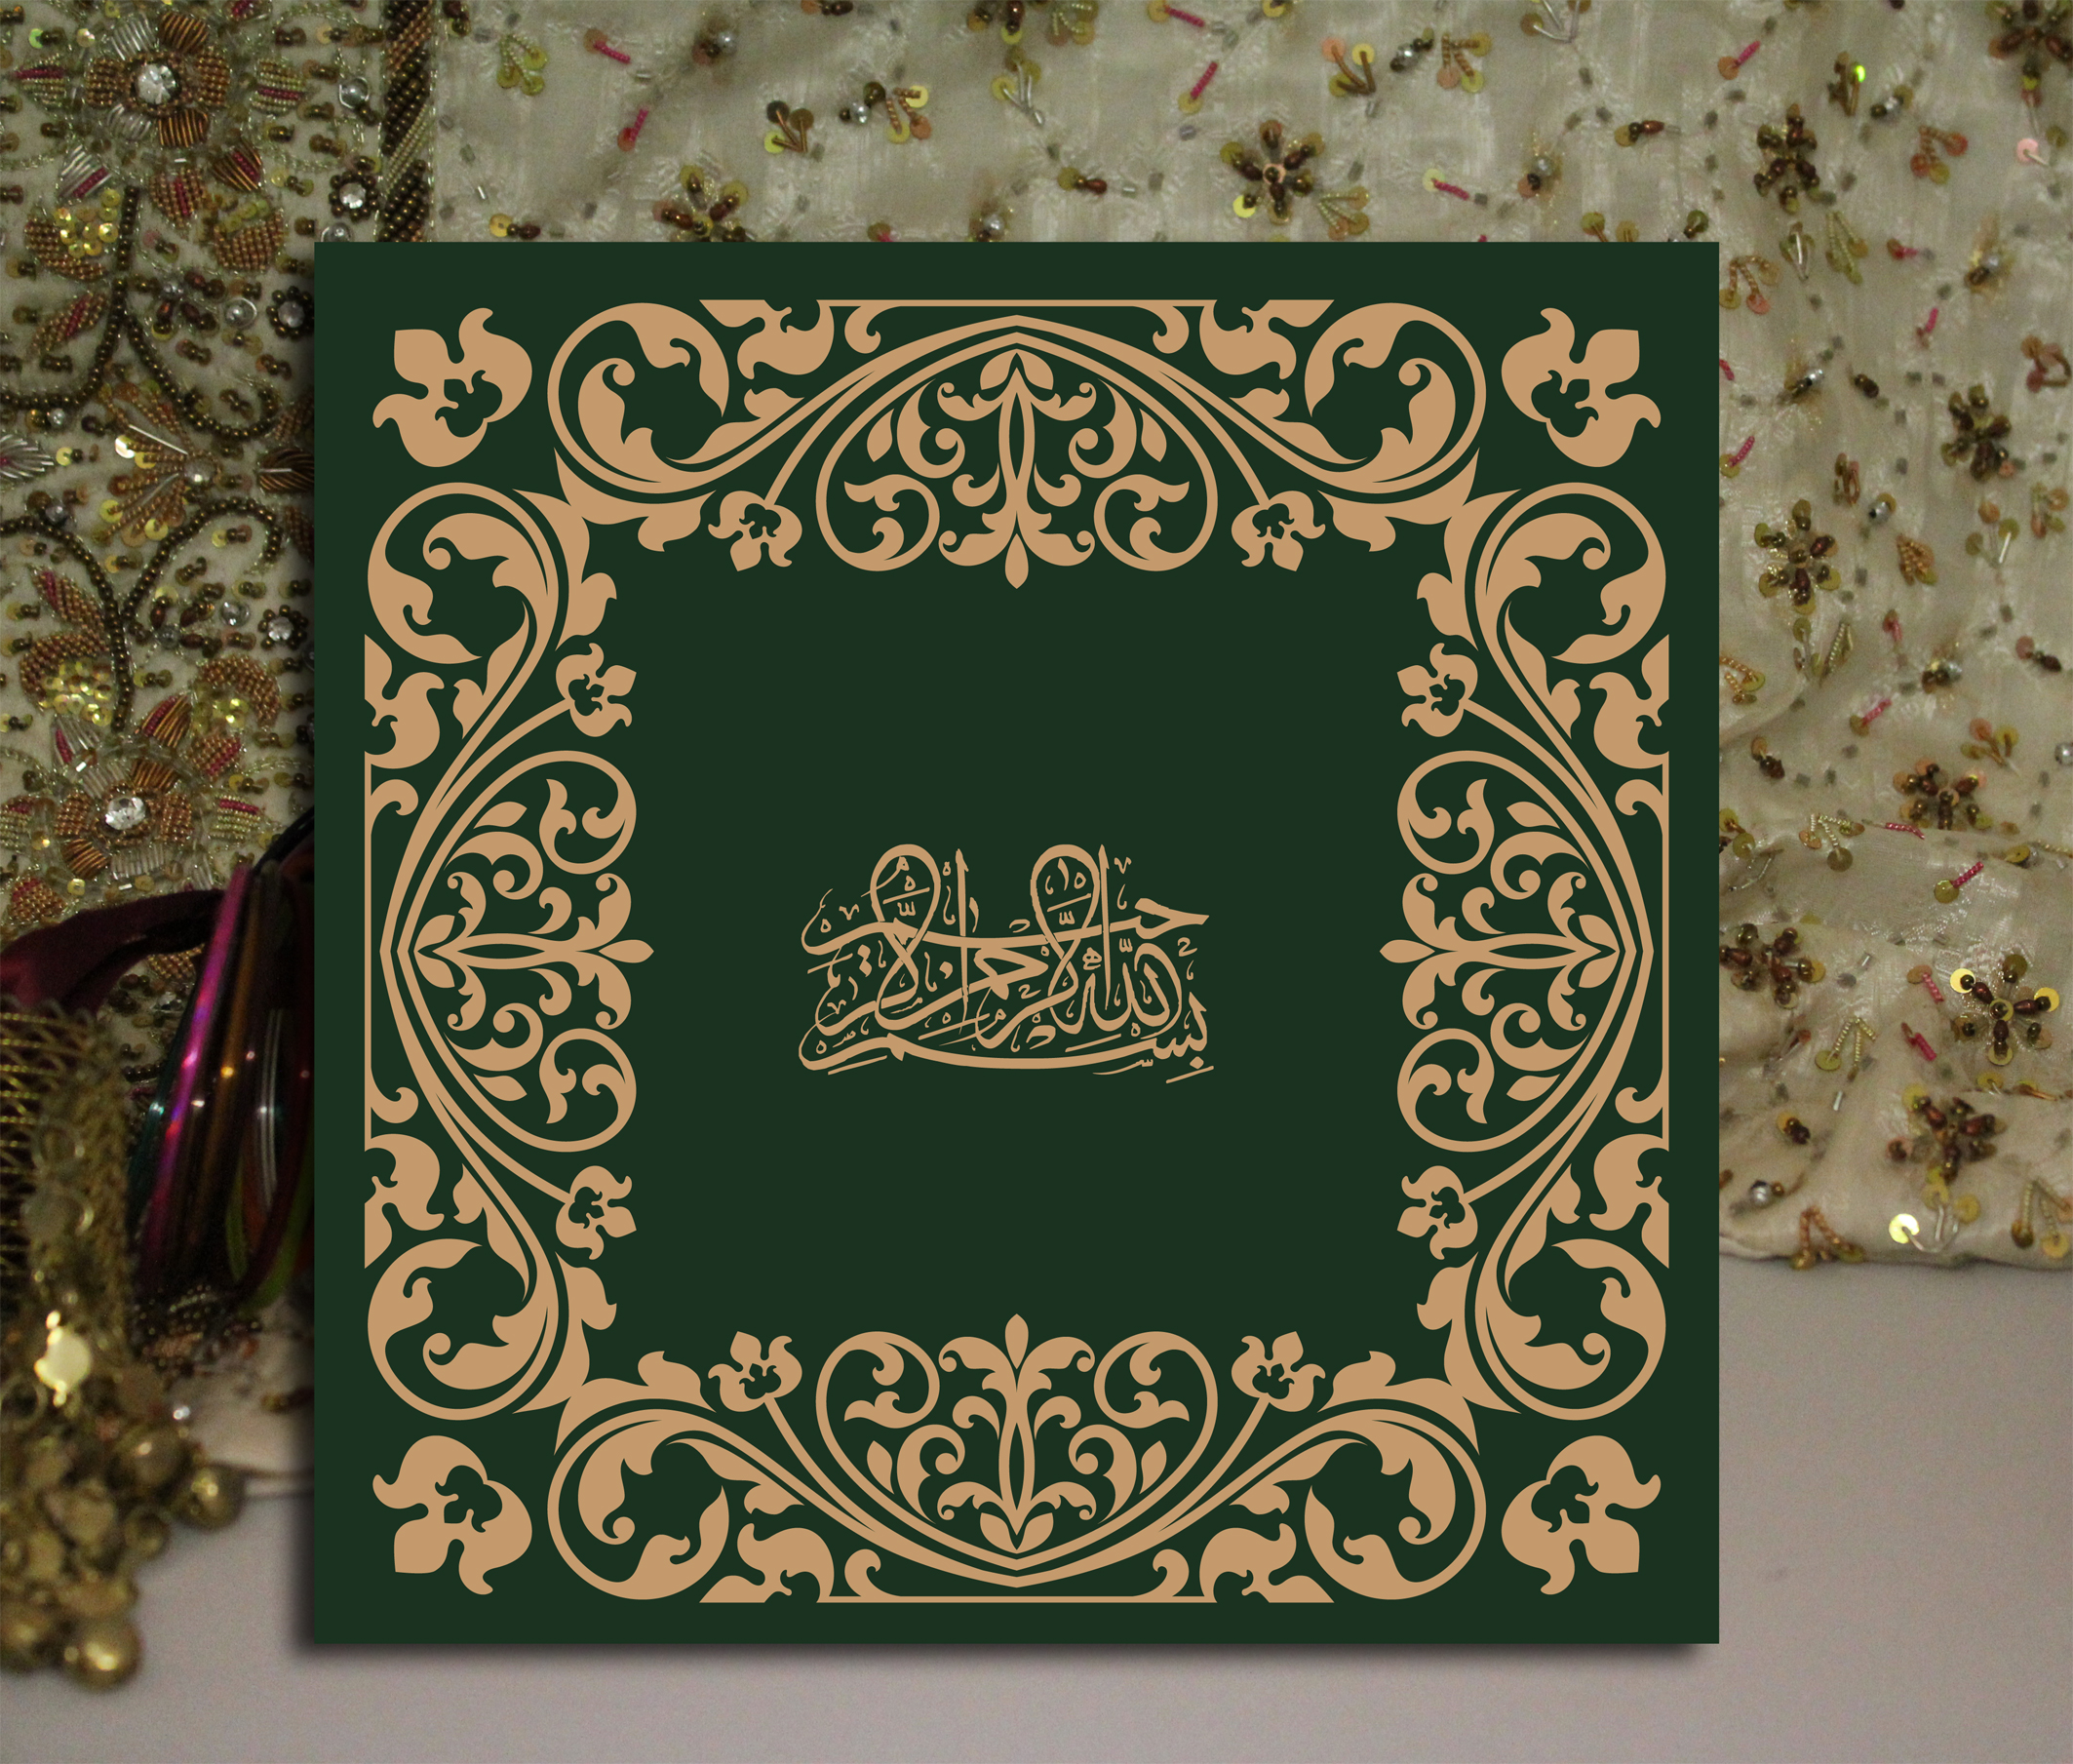 Koleksi Undangan Pernikahan Islami